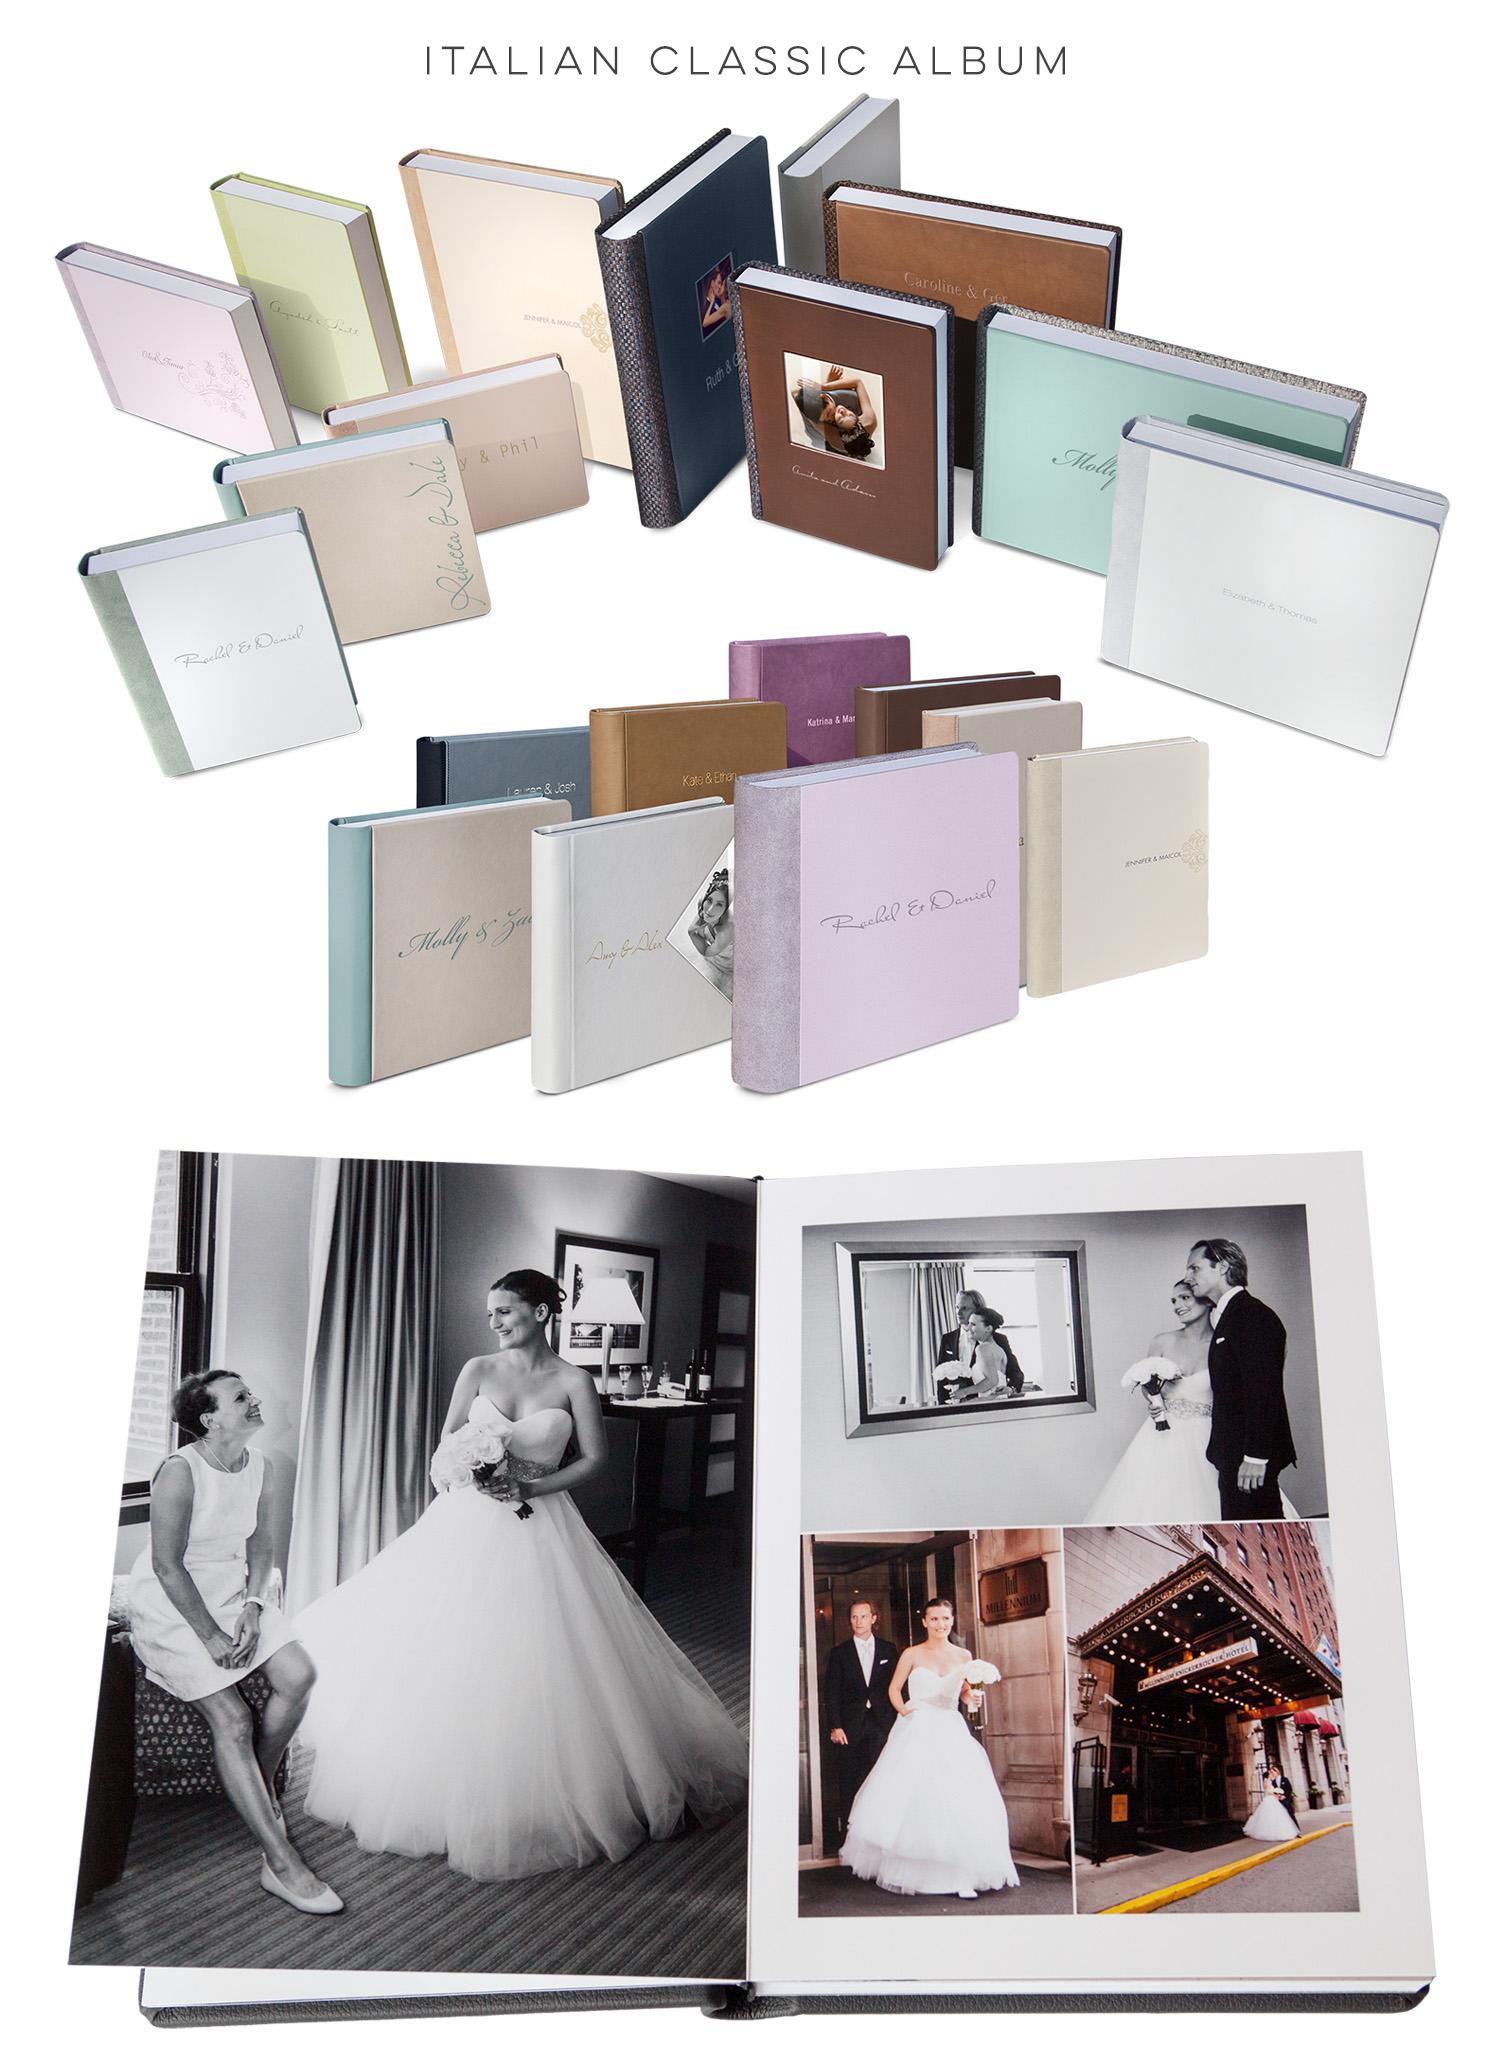 creativo-albums-Italian-classic-p6.jpg